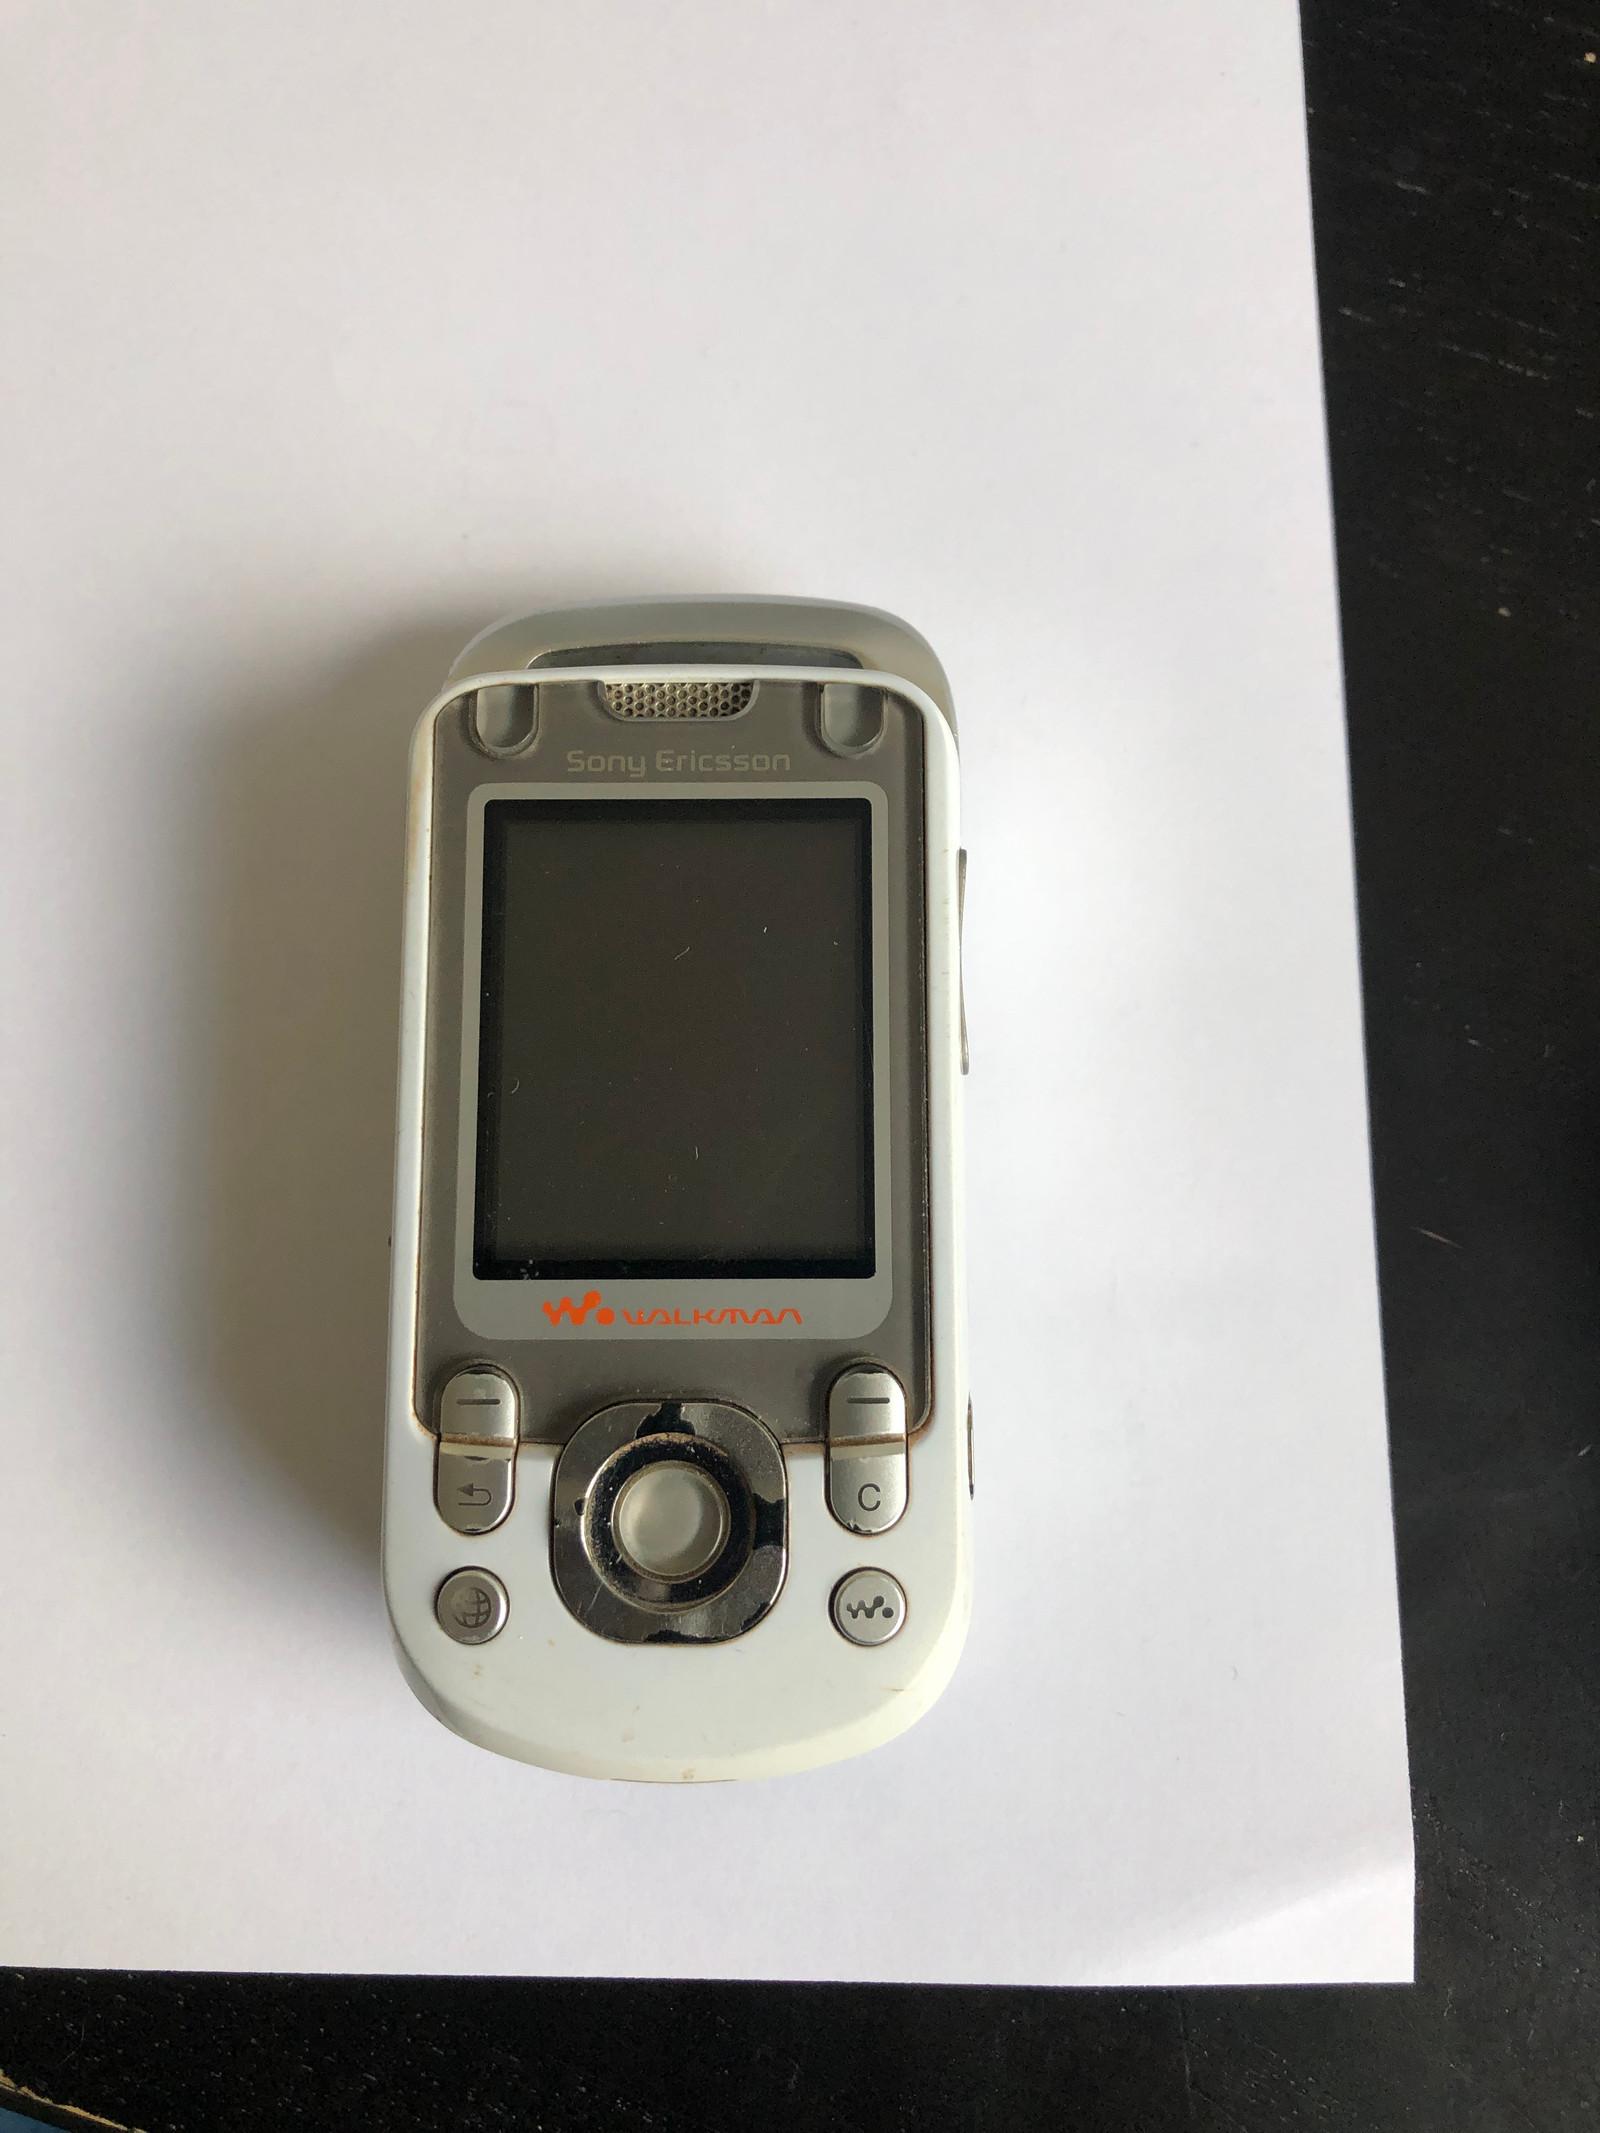 Gammel og kul Sony Ericsson mobil telefon til salgs | FINN.no